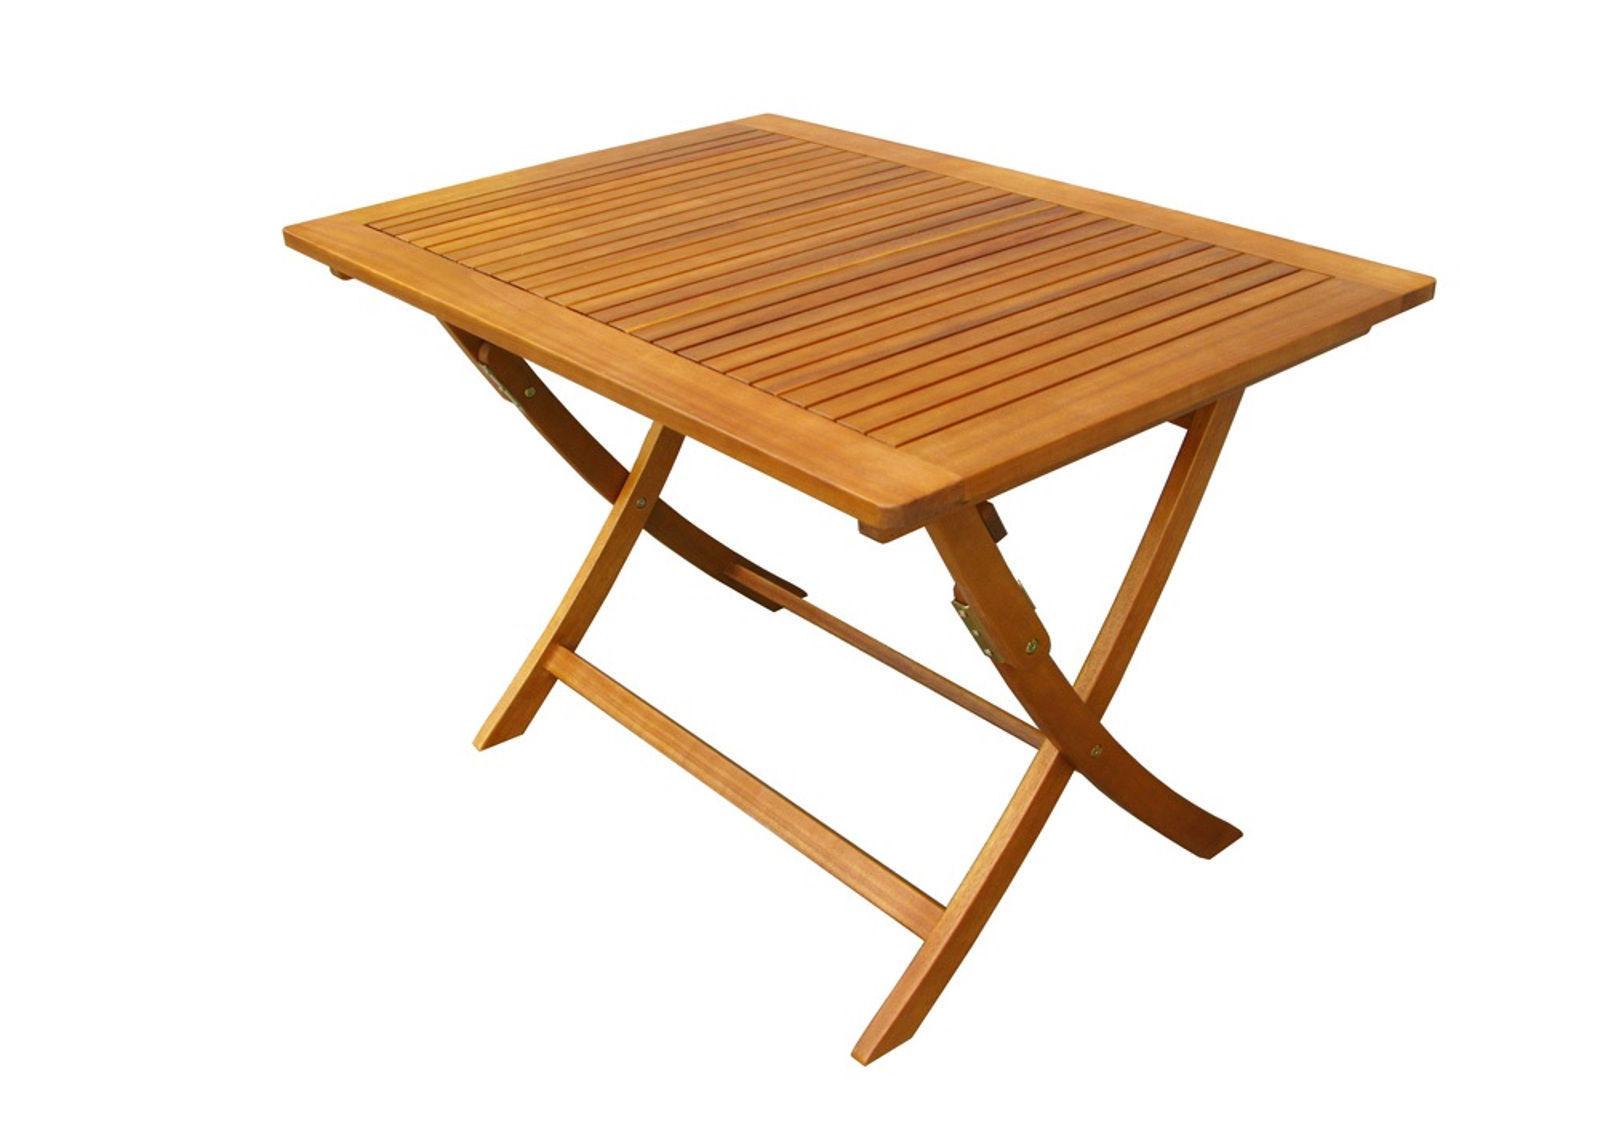 Tavolo pieghevole esterno giardino in legno di acacia massiccio - Tavolo giardino pieghevole ...